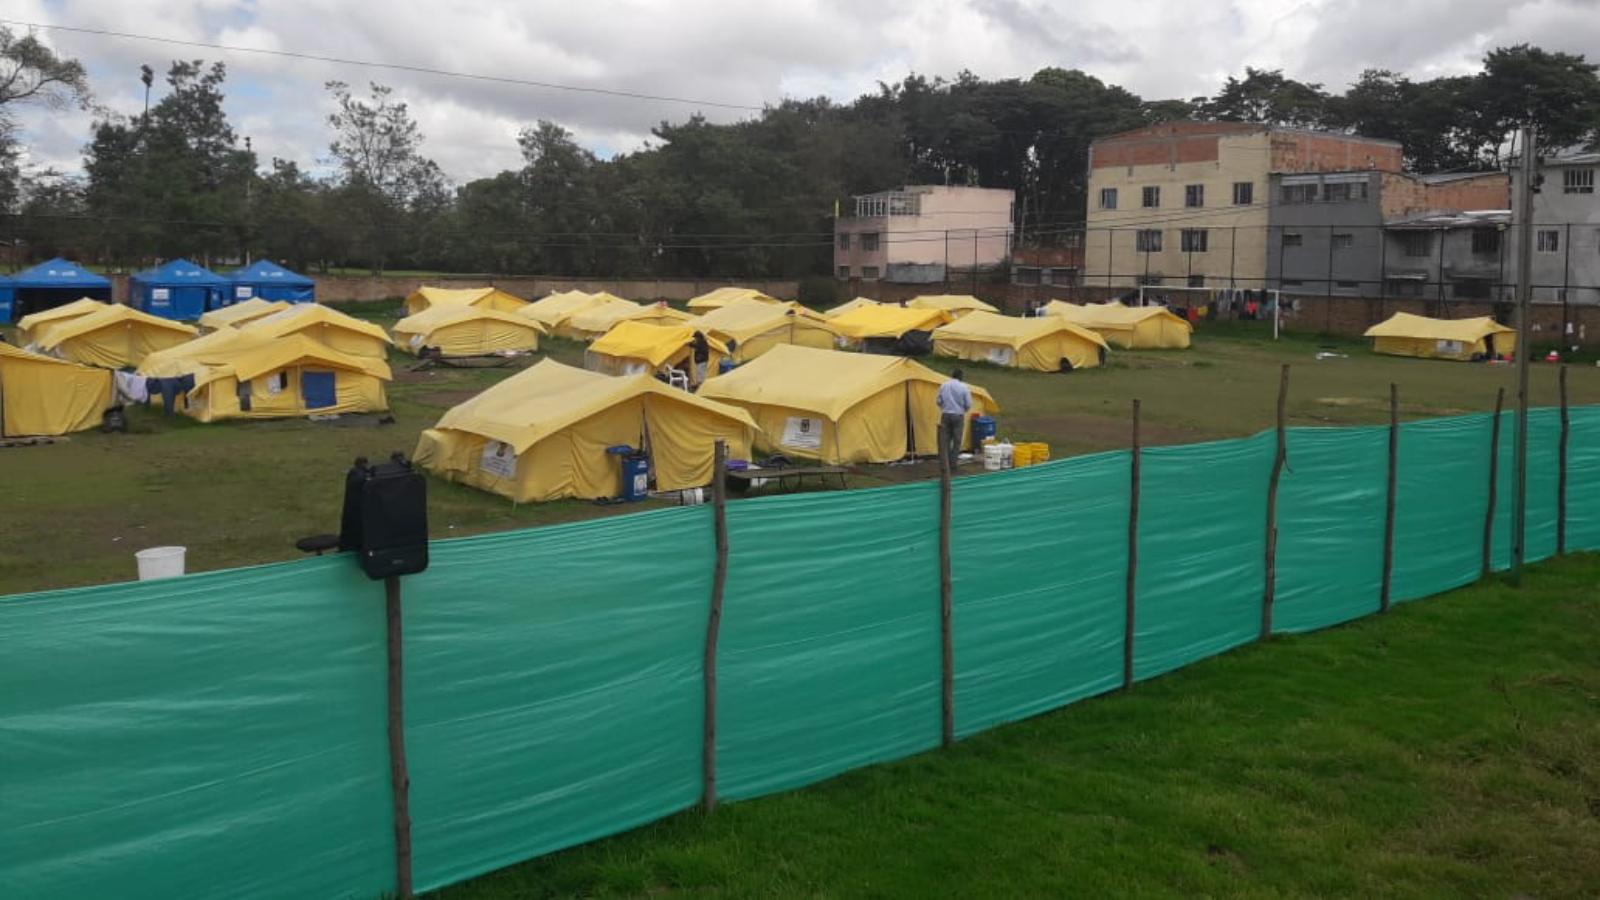 """""""Asustados"""" y """"sin nada"""": así esperan los migrantes el cierre del campamento en Bogotá"""